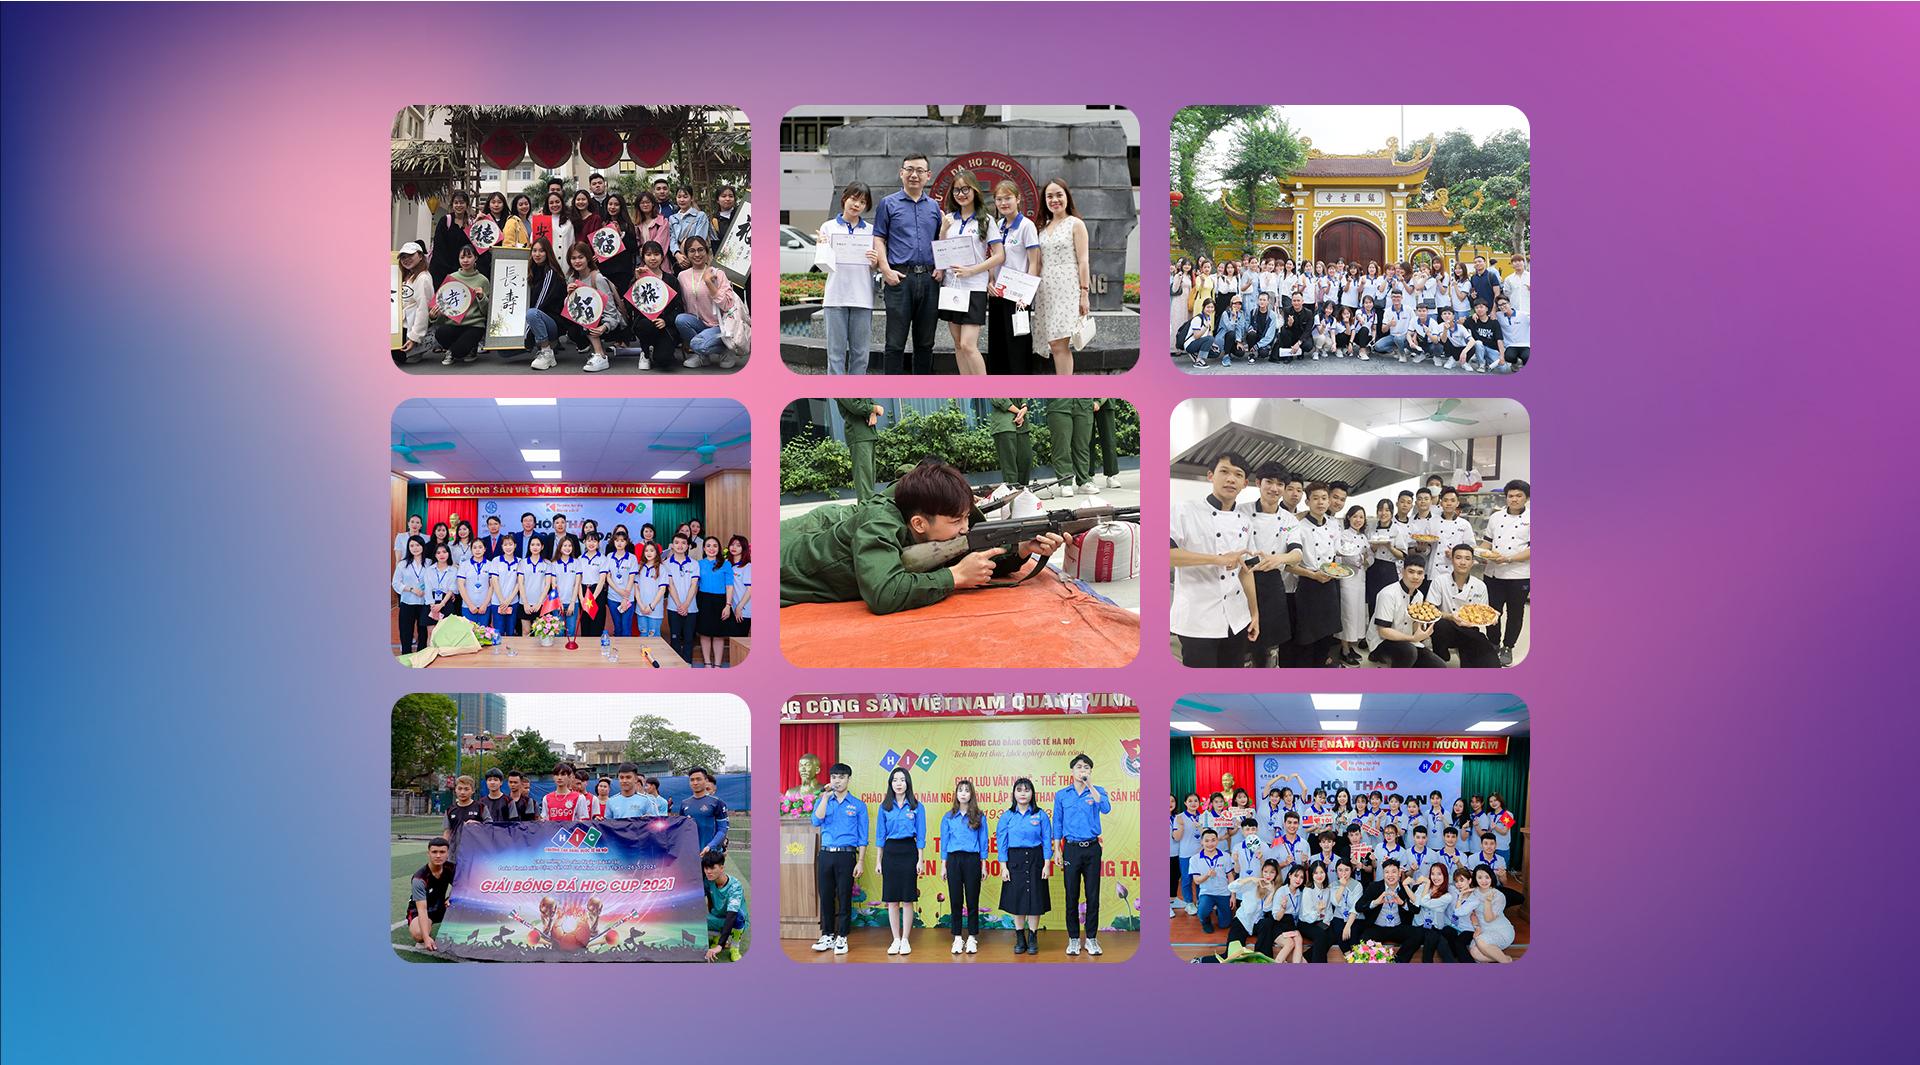 Hoạt động ngoại khóa - Giao lưu văn hóa của sinh viên HIC